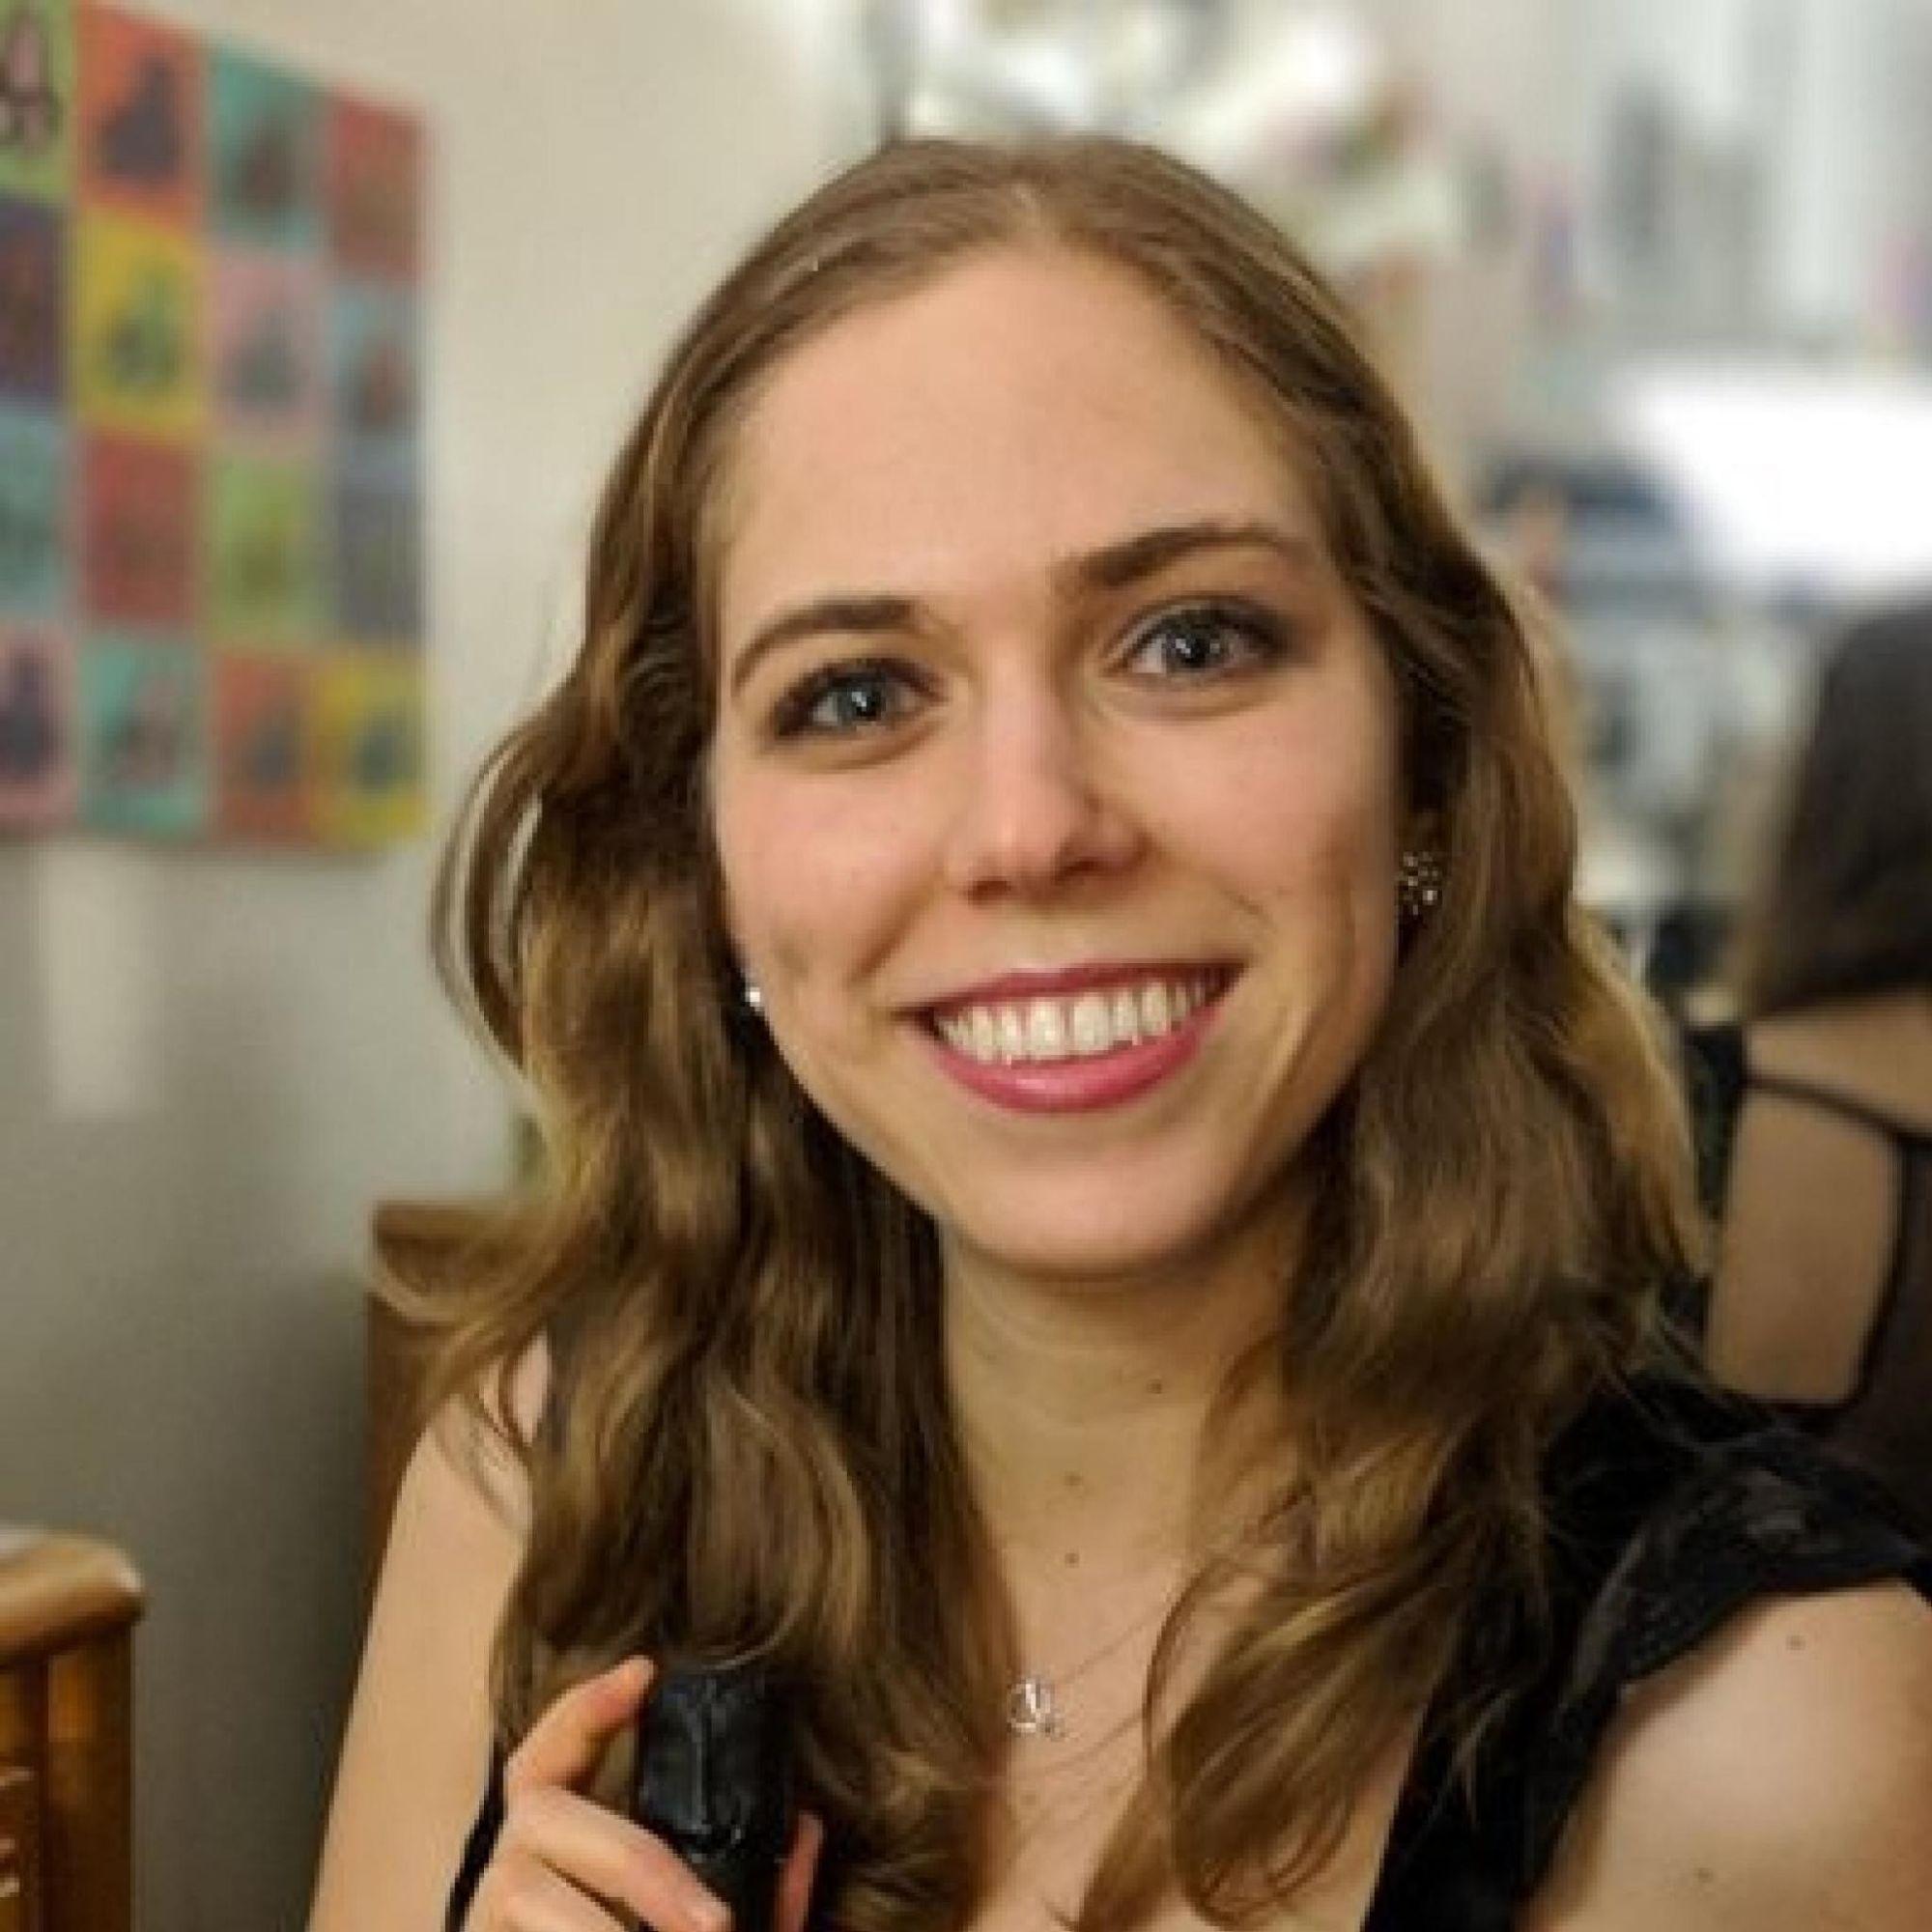 Abigail Koffler